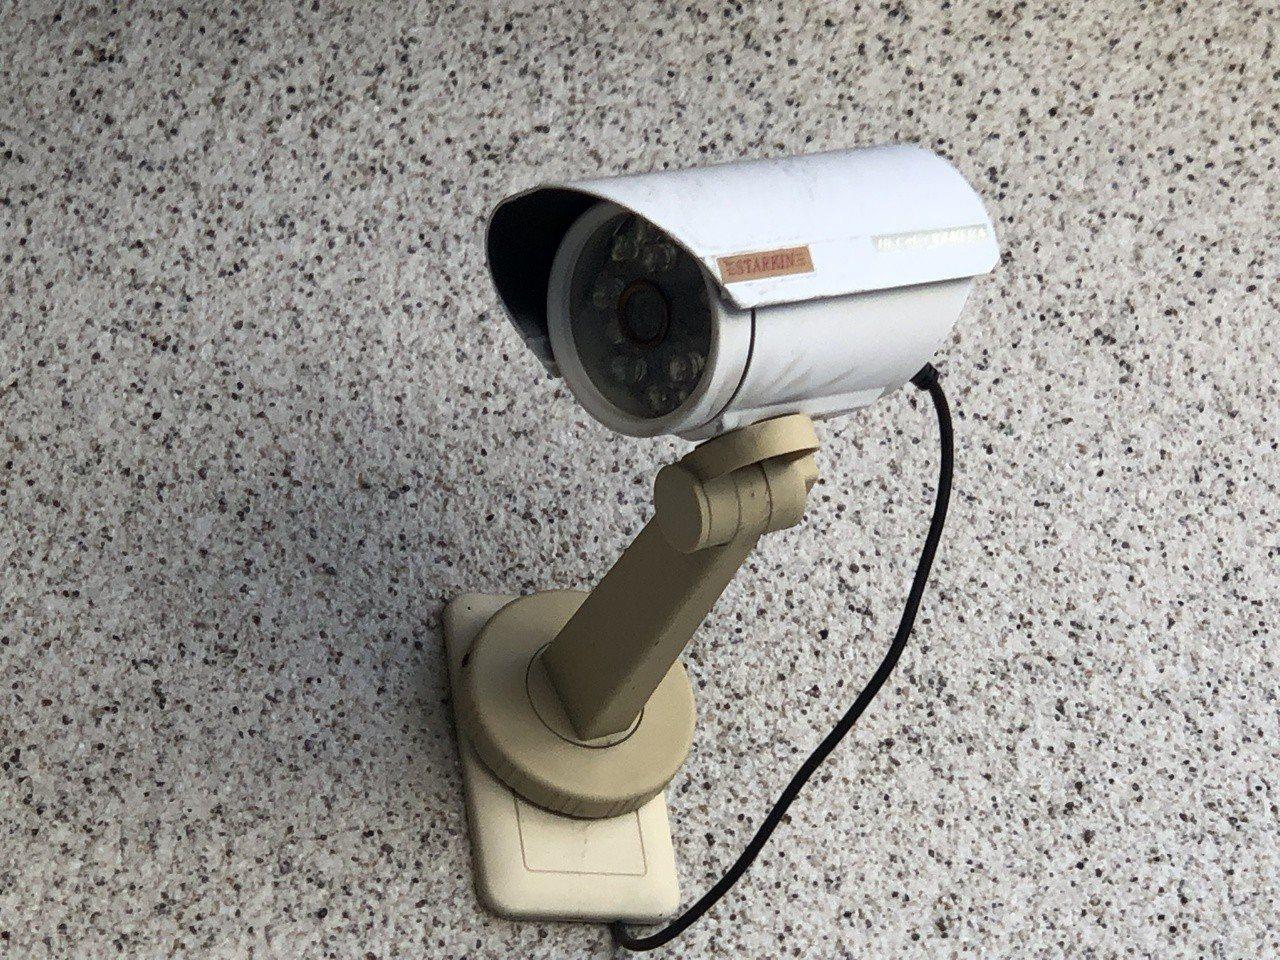 翁姓男子不滿該公寓大廈2名住戶在共用外牆架設監視器3具,不明意圖致他惶惶不安,因...